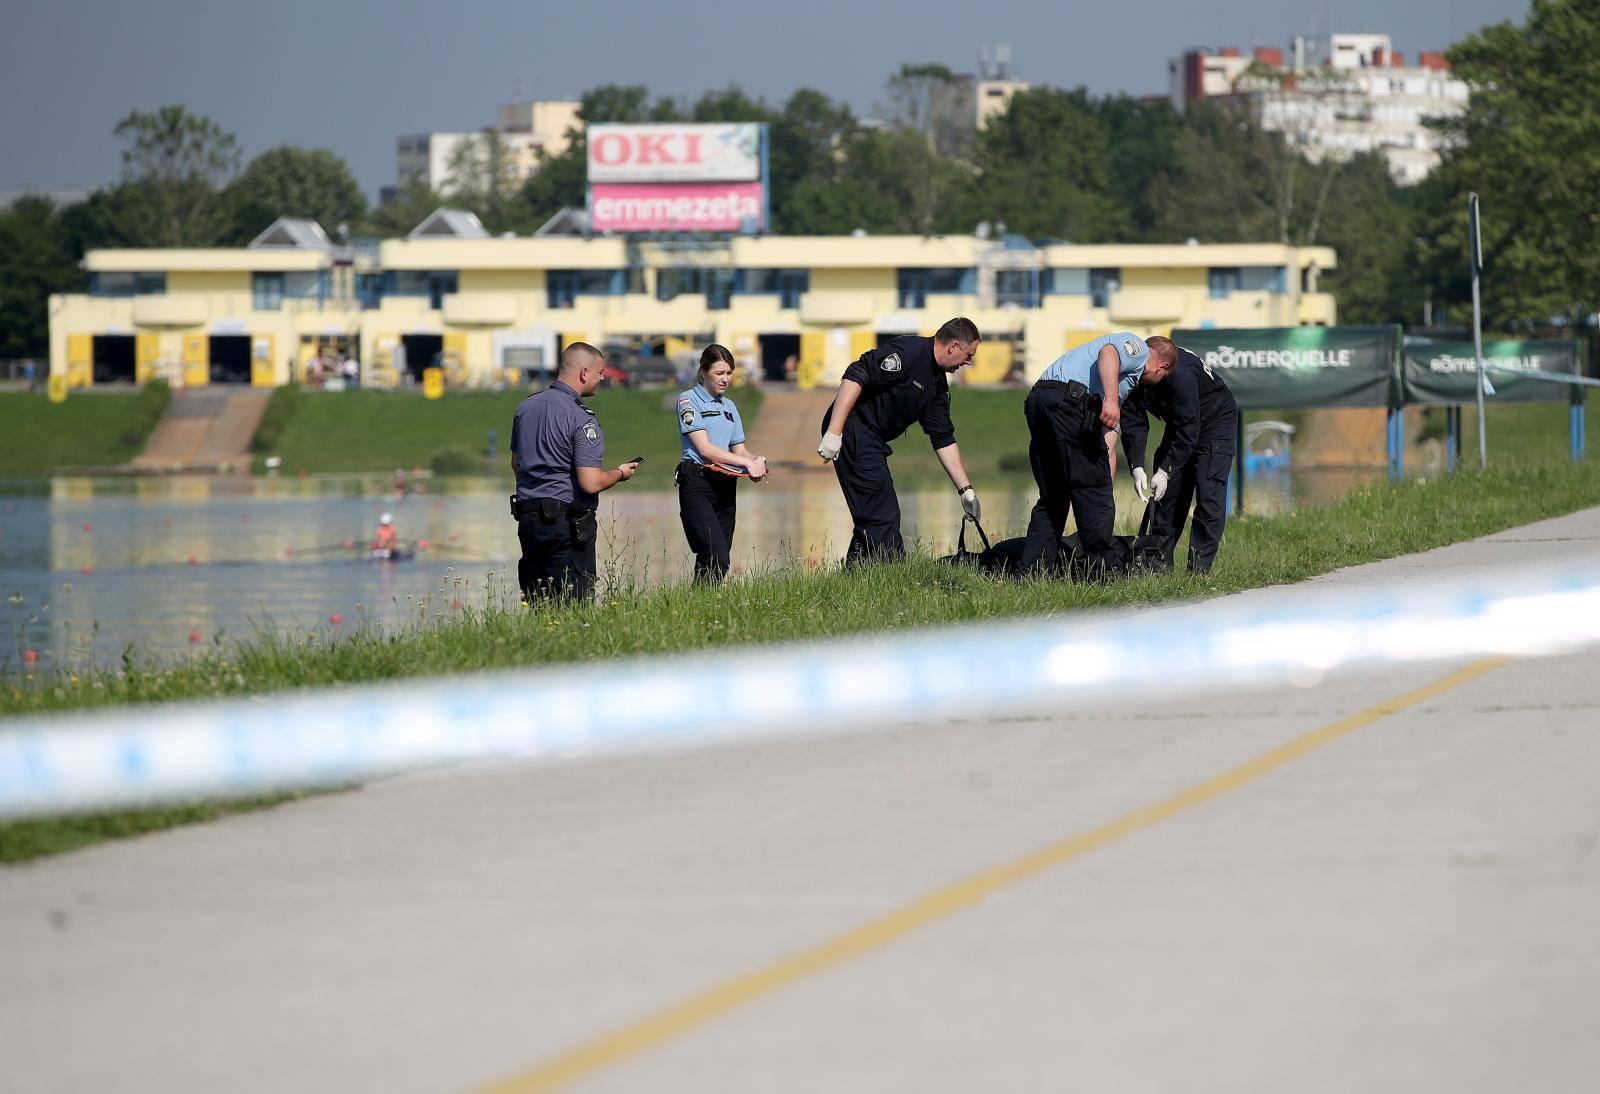 Iz jezera Jarun su izvukli tijelo žene, nije bilo tragova nasilja...